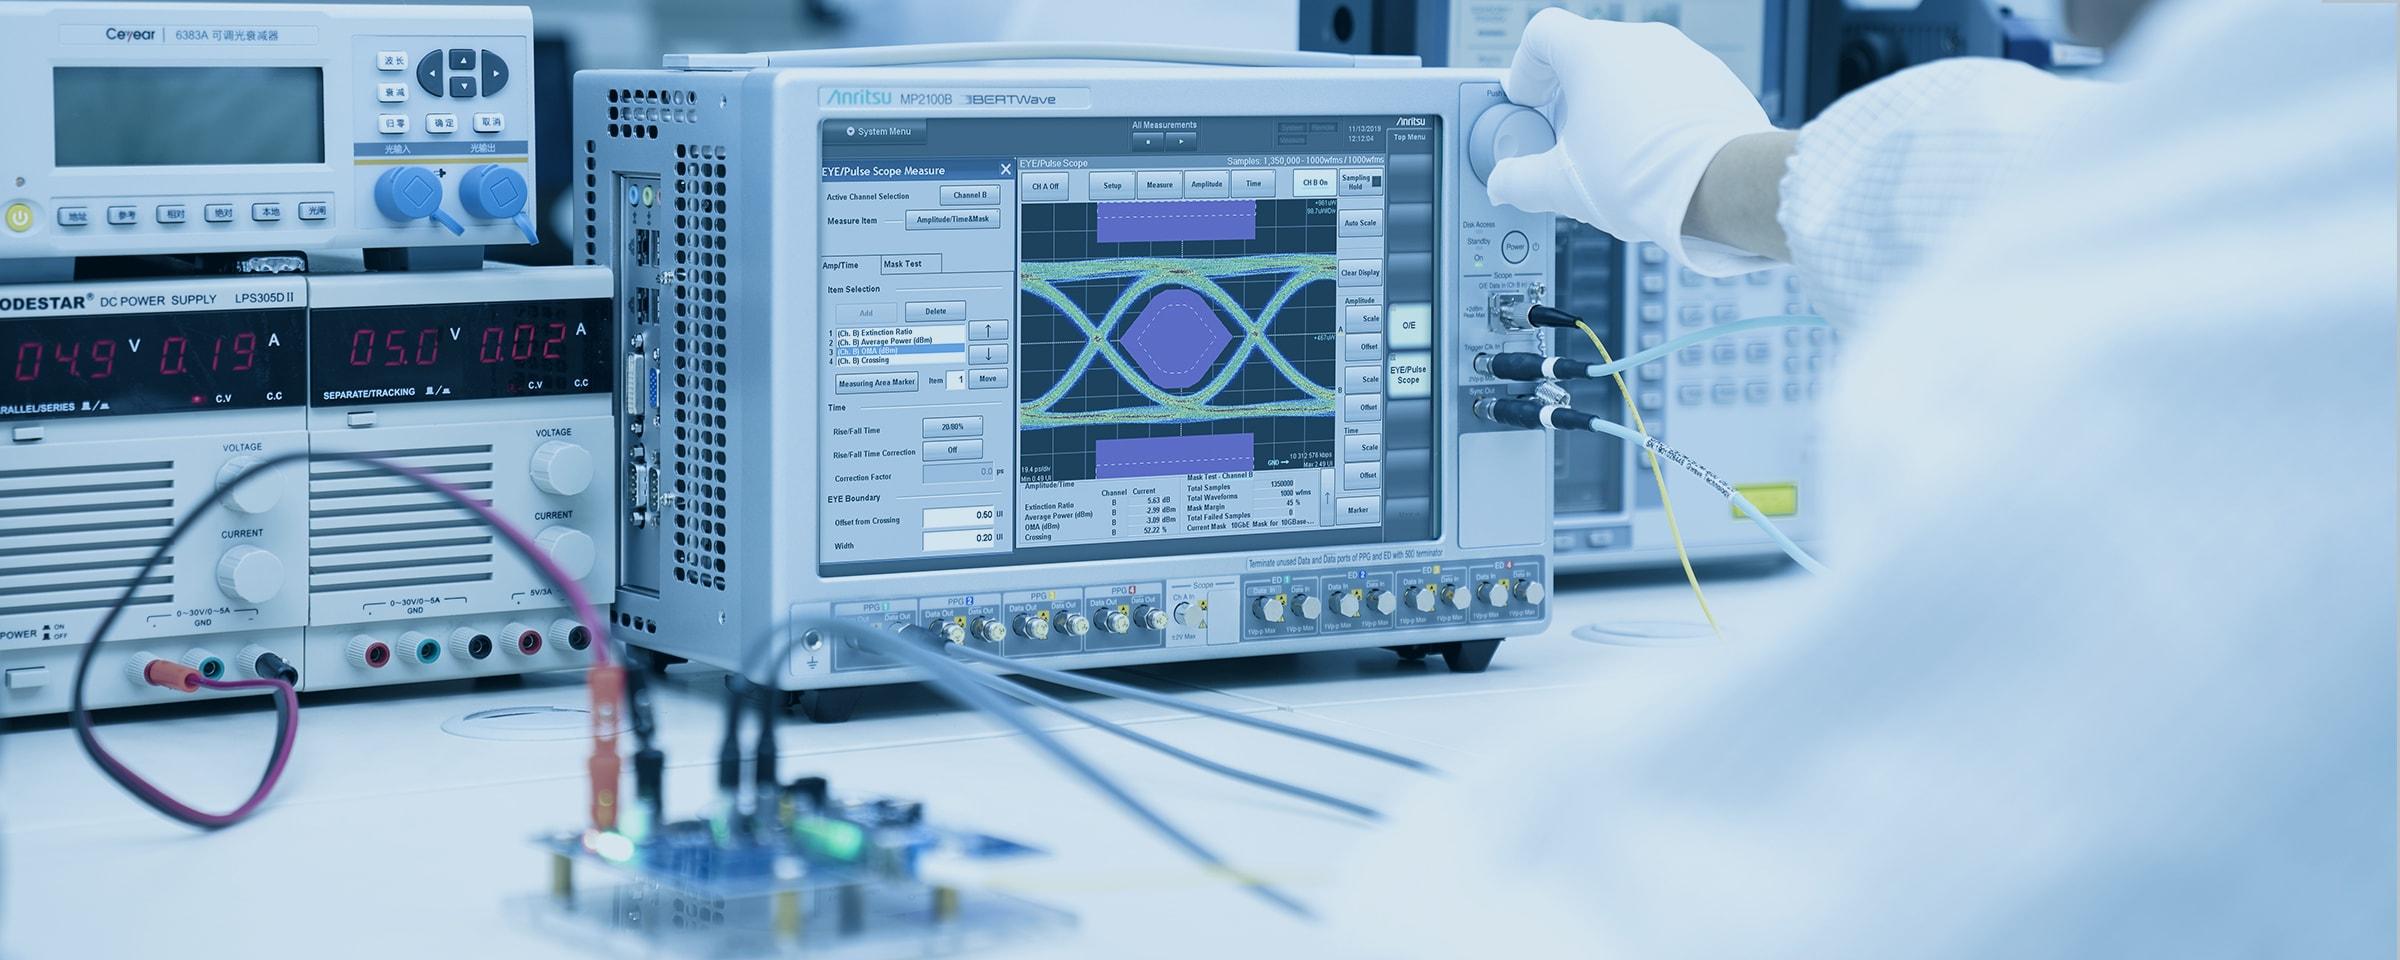 光模块品控体系